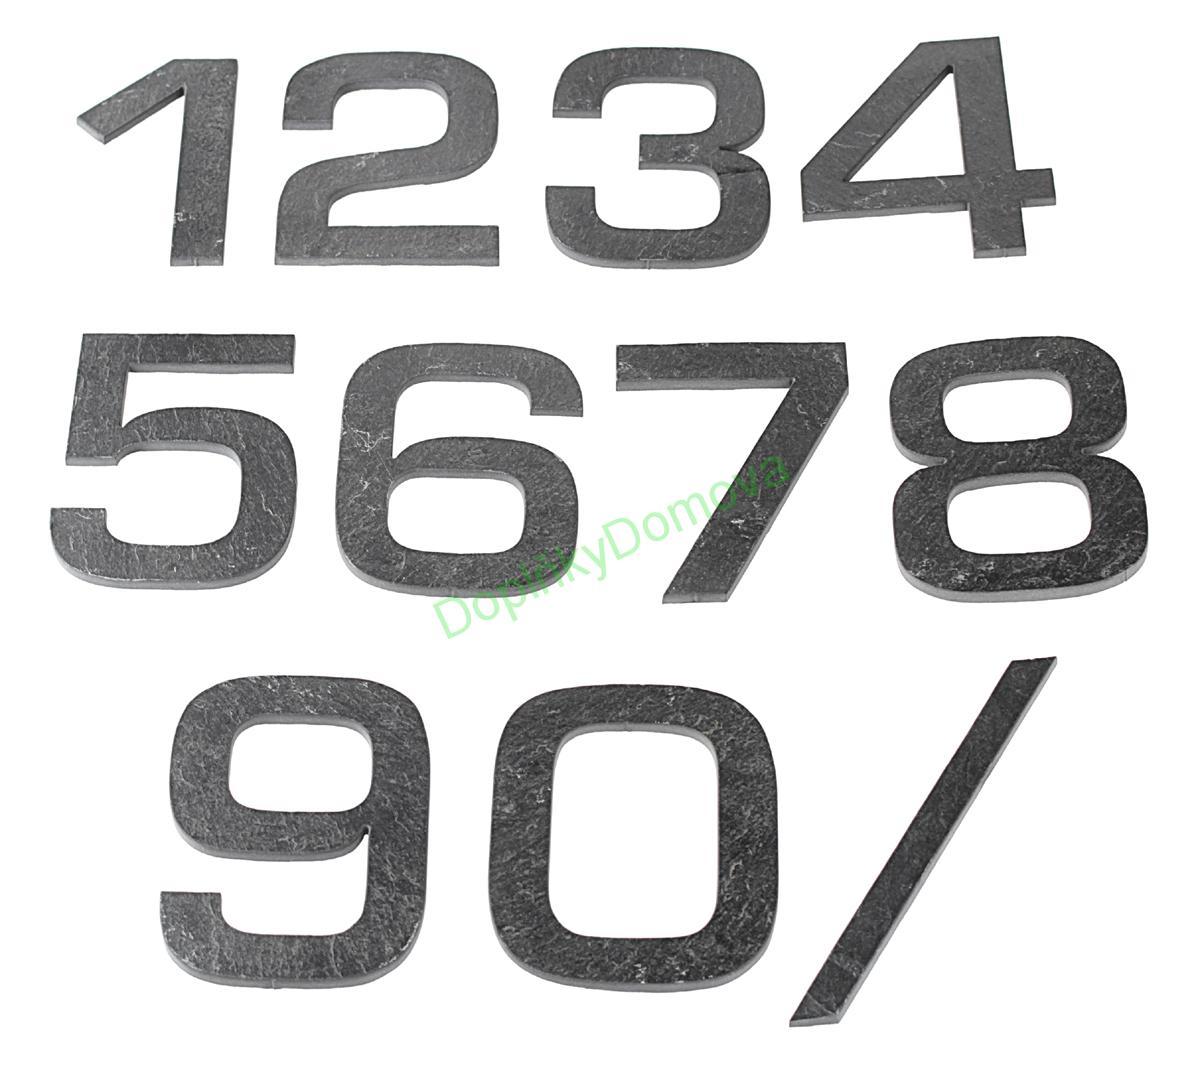 Domovní číslo popisné Břidlice EUROMODE - č. 8